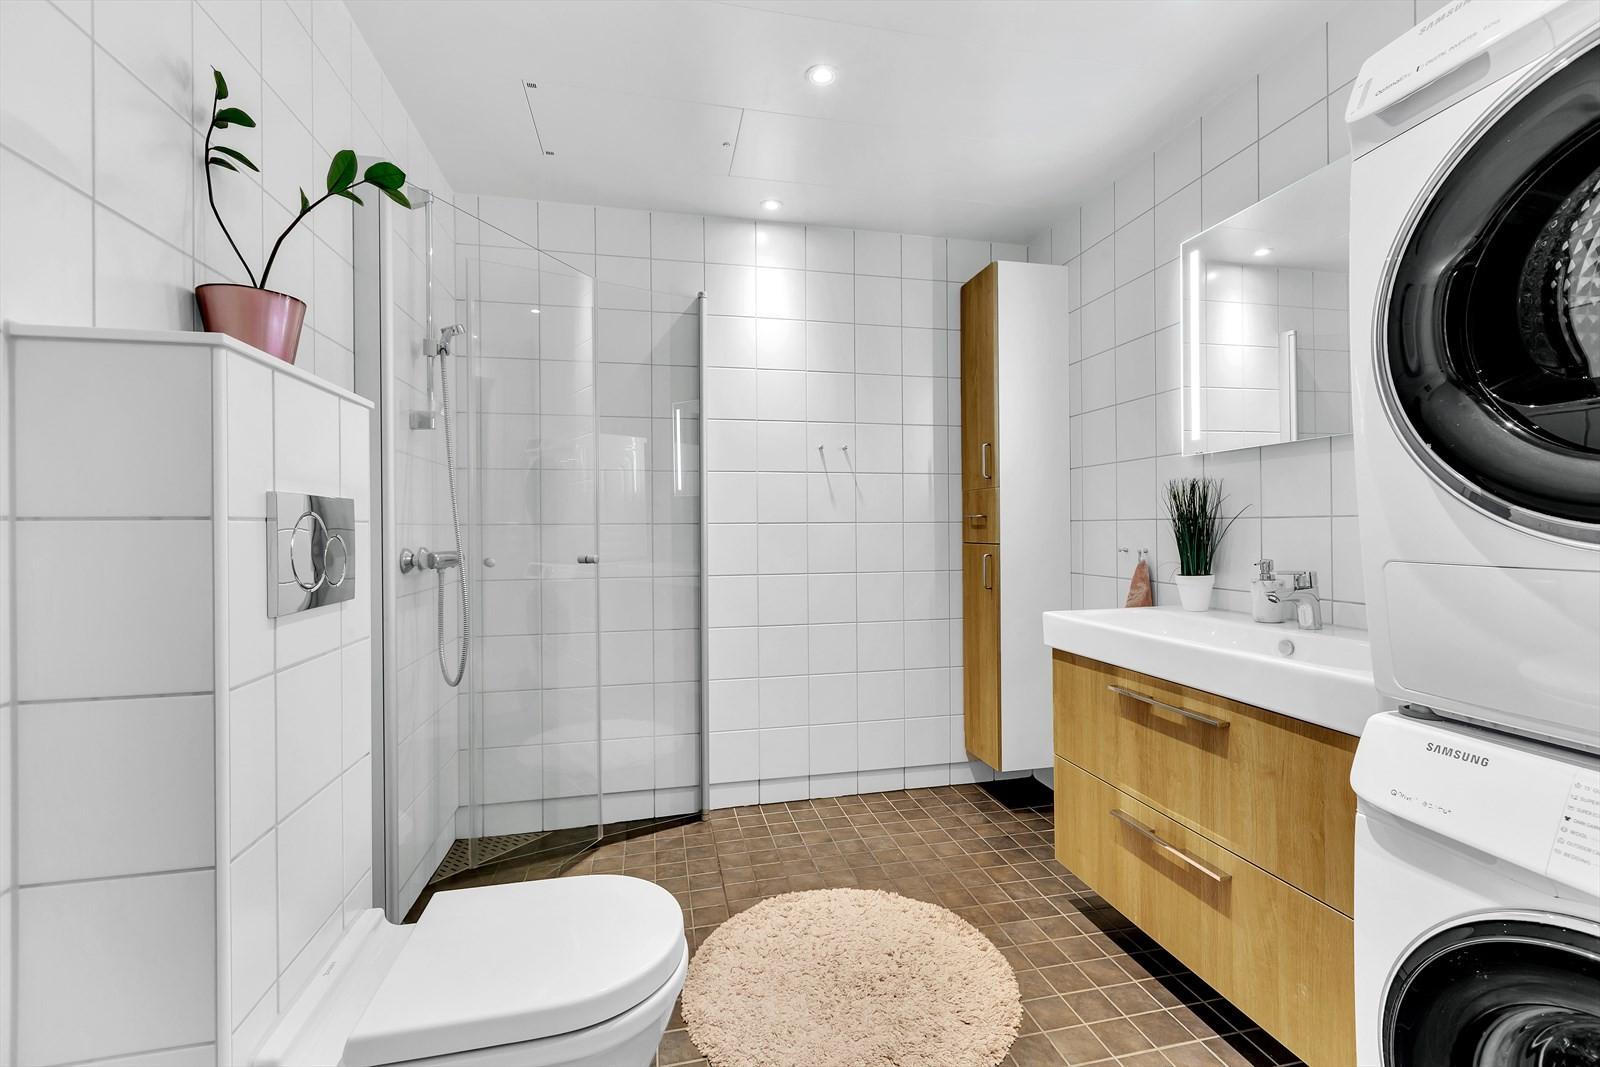 Badet er flislagt på gulv og vegger. Plassering er  mellom soverommene